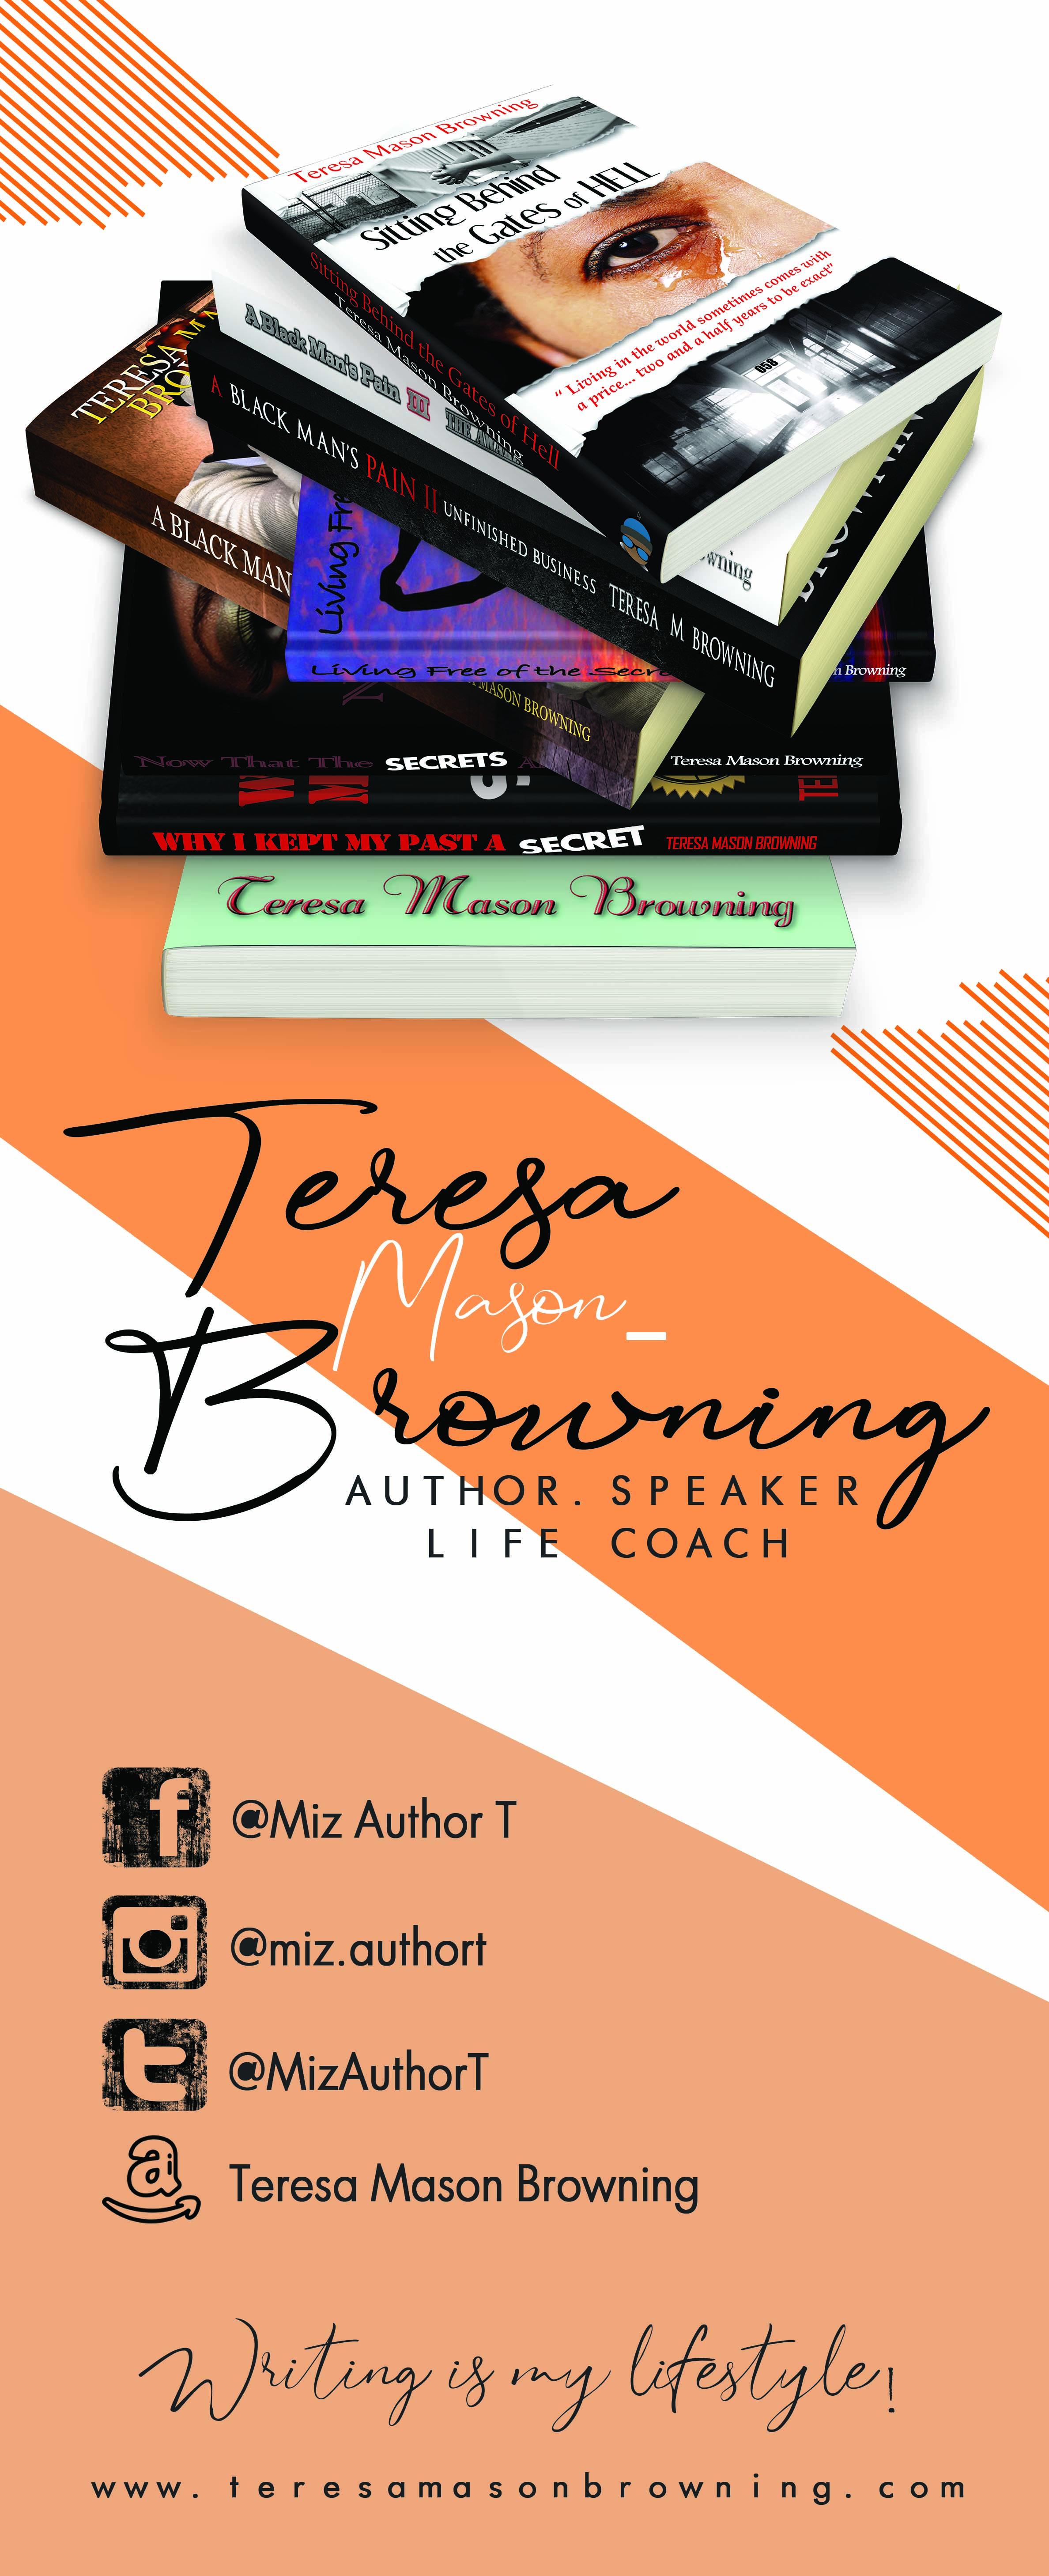 Teresa Mason-Browning